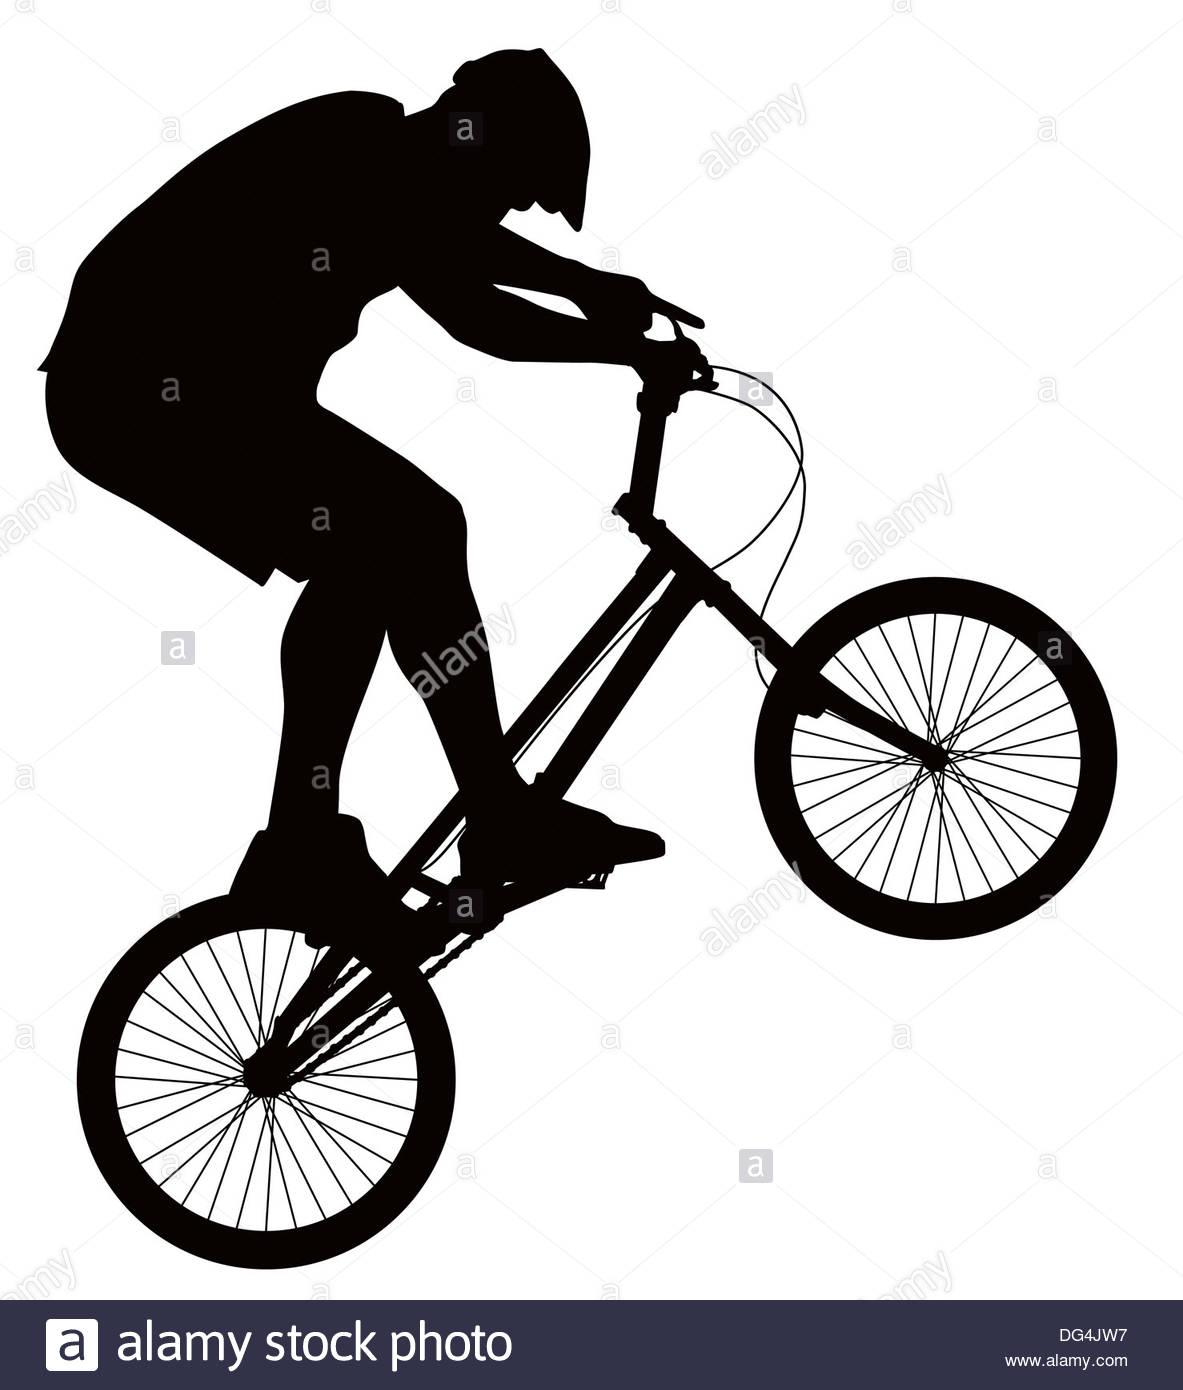 1183x1390 Boy Riding Bike Silhouette Stock Photos Amp Boy Riding Bike